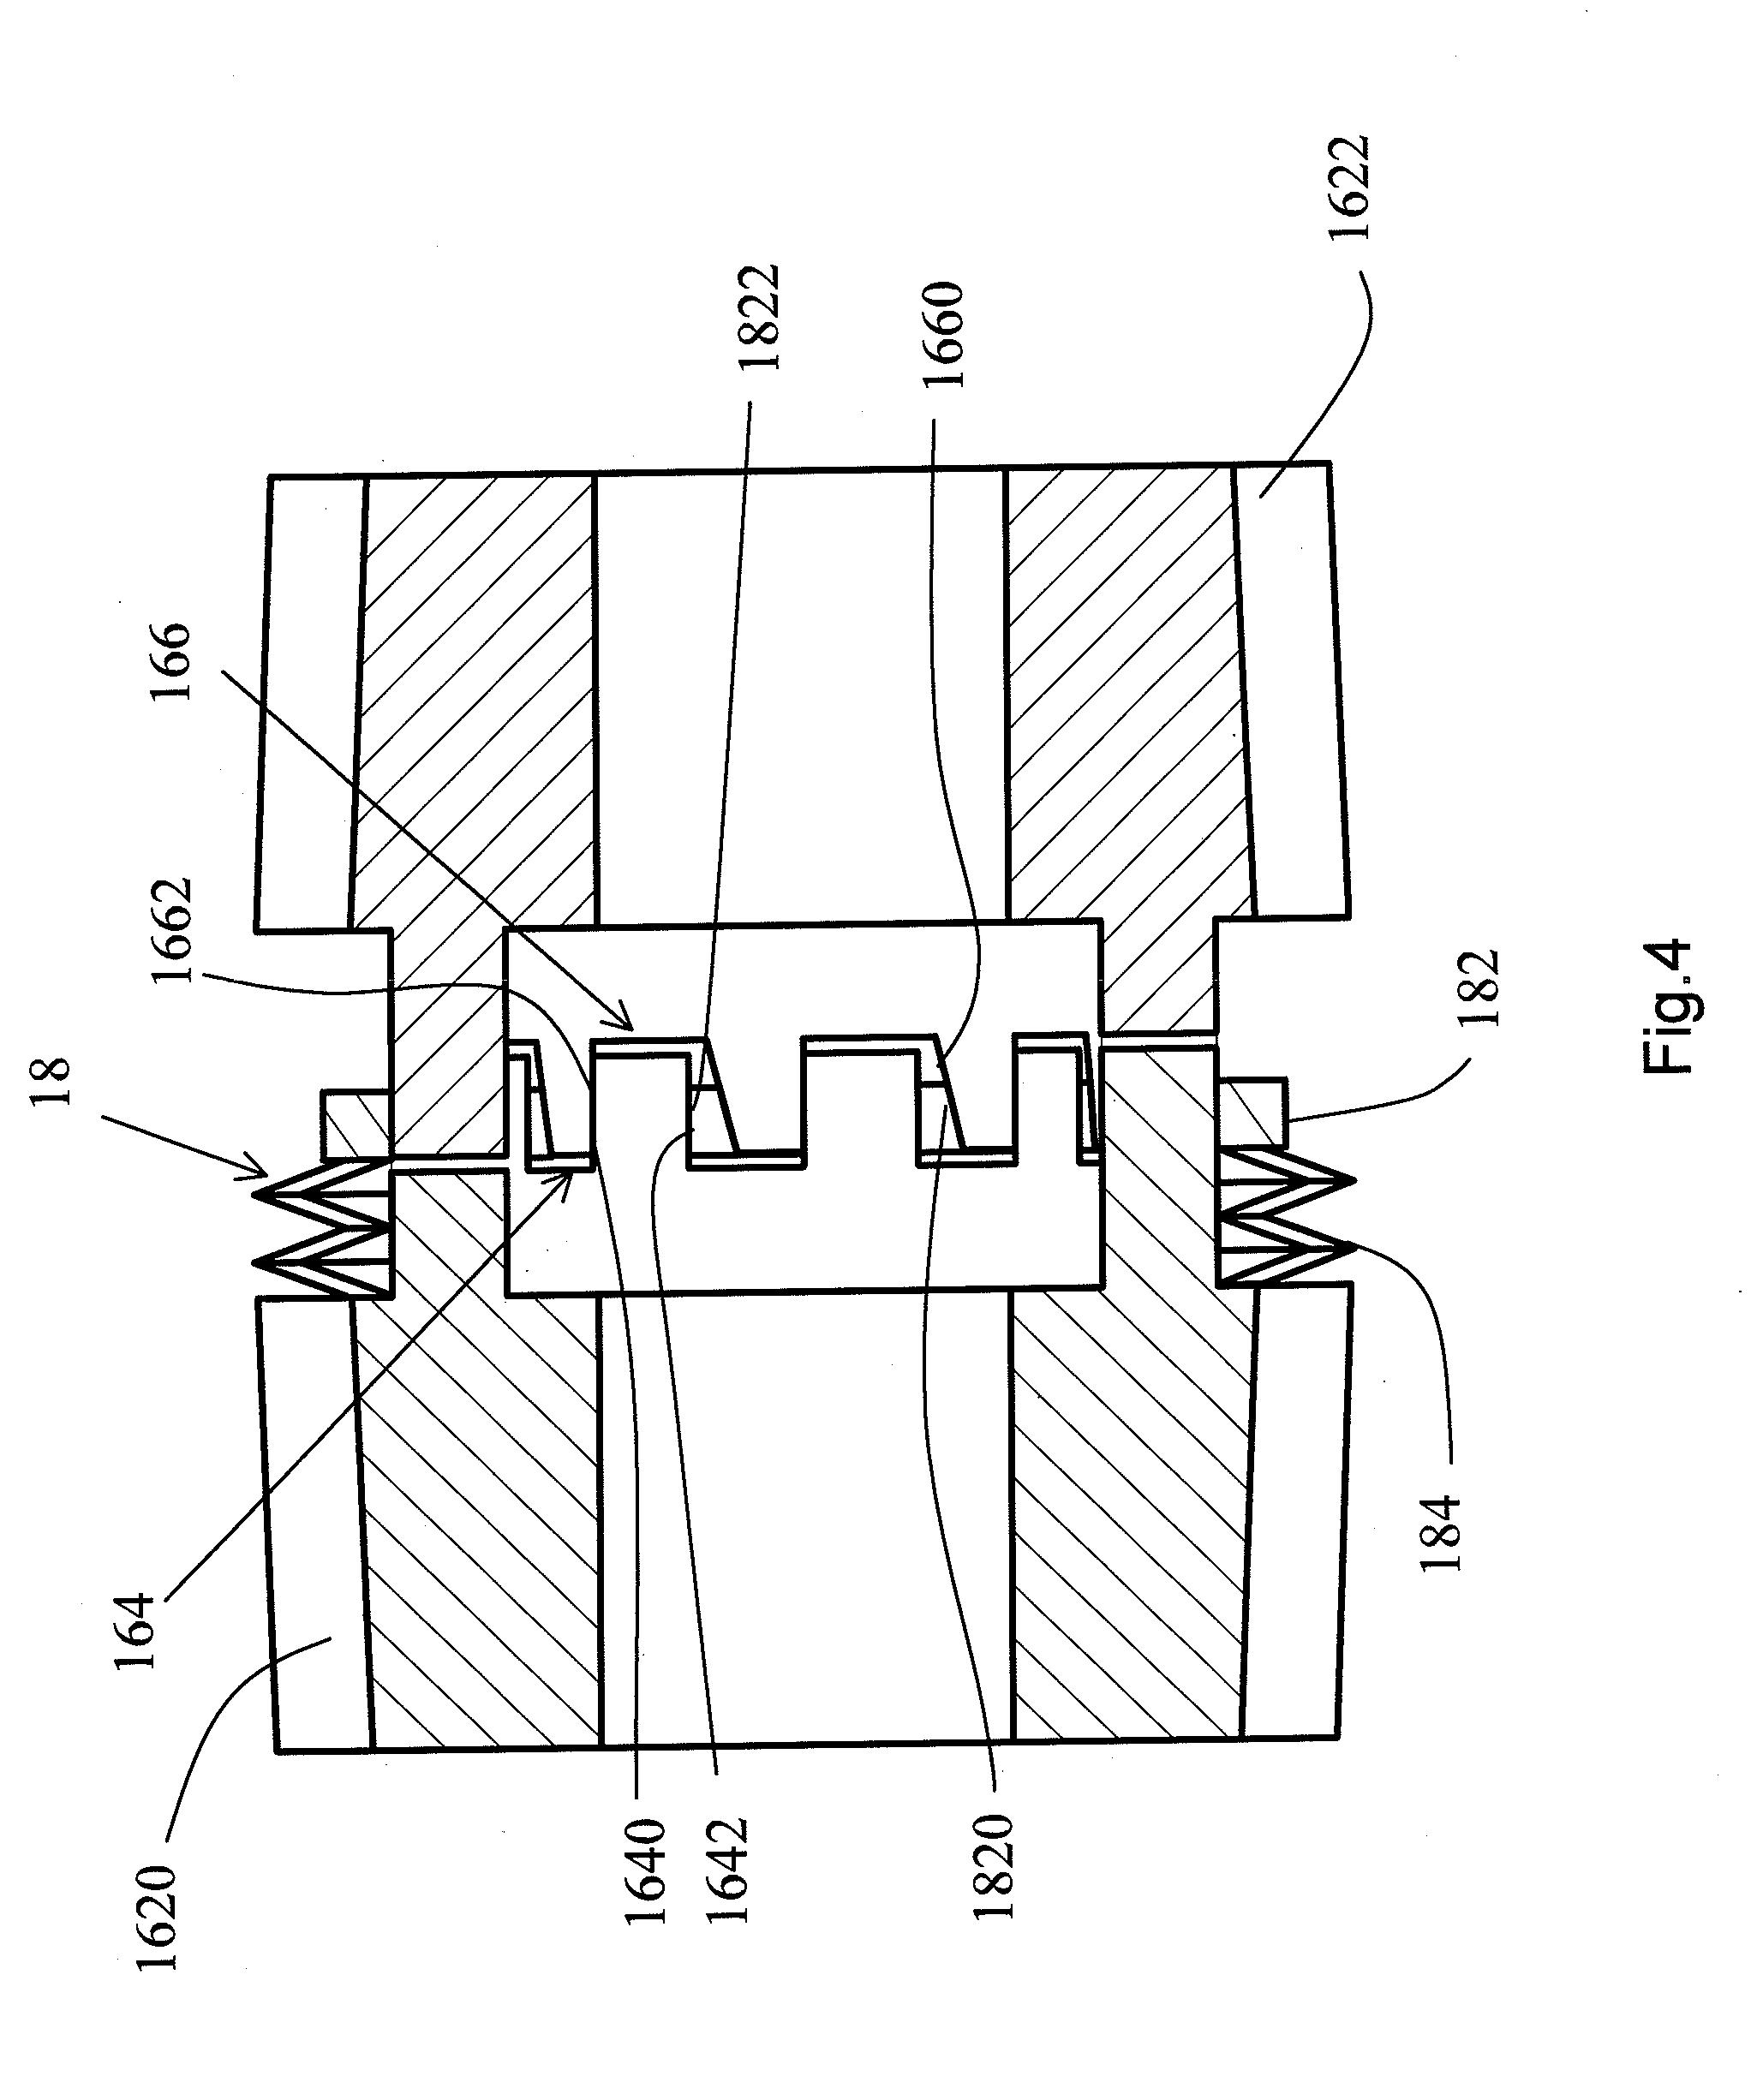 2004 Suzuki Eiger Wiring Diagram - Wiring Diagram